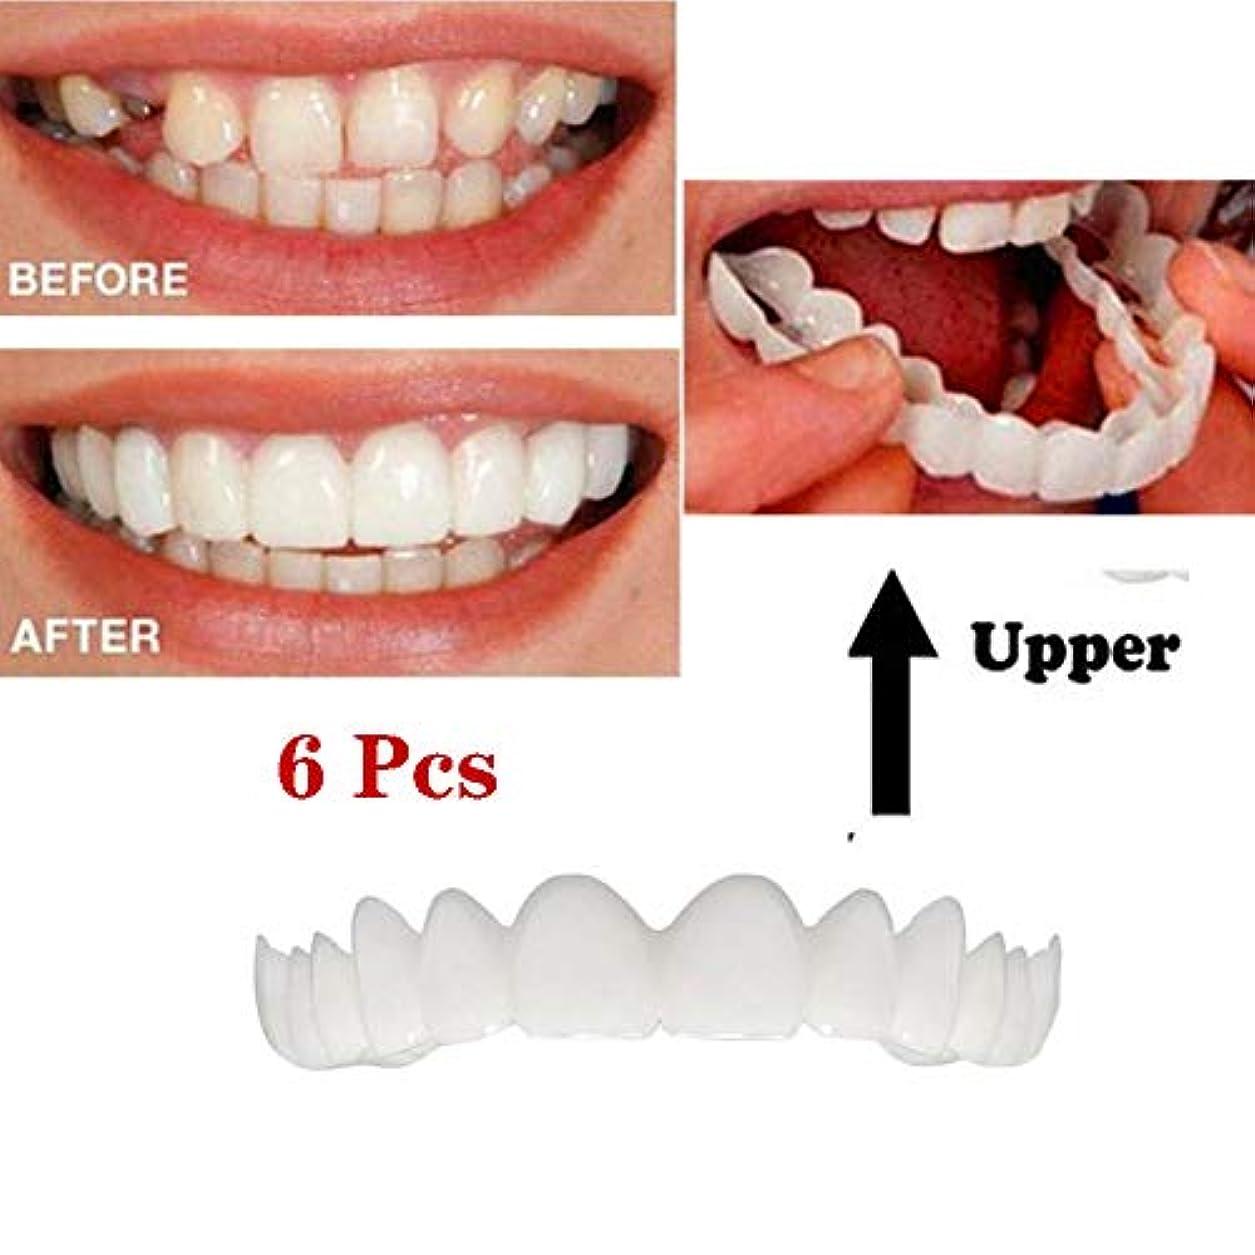 義歯口腔ケア歯ホワイトニング義歯口腔ケアアッパーブレーステンポラリー化粧品歯義歯